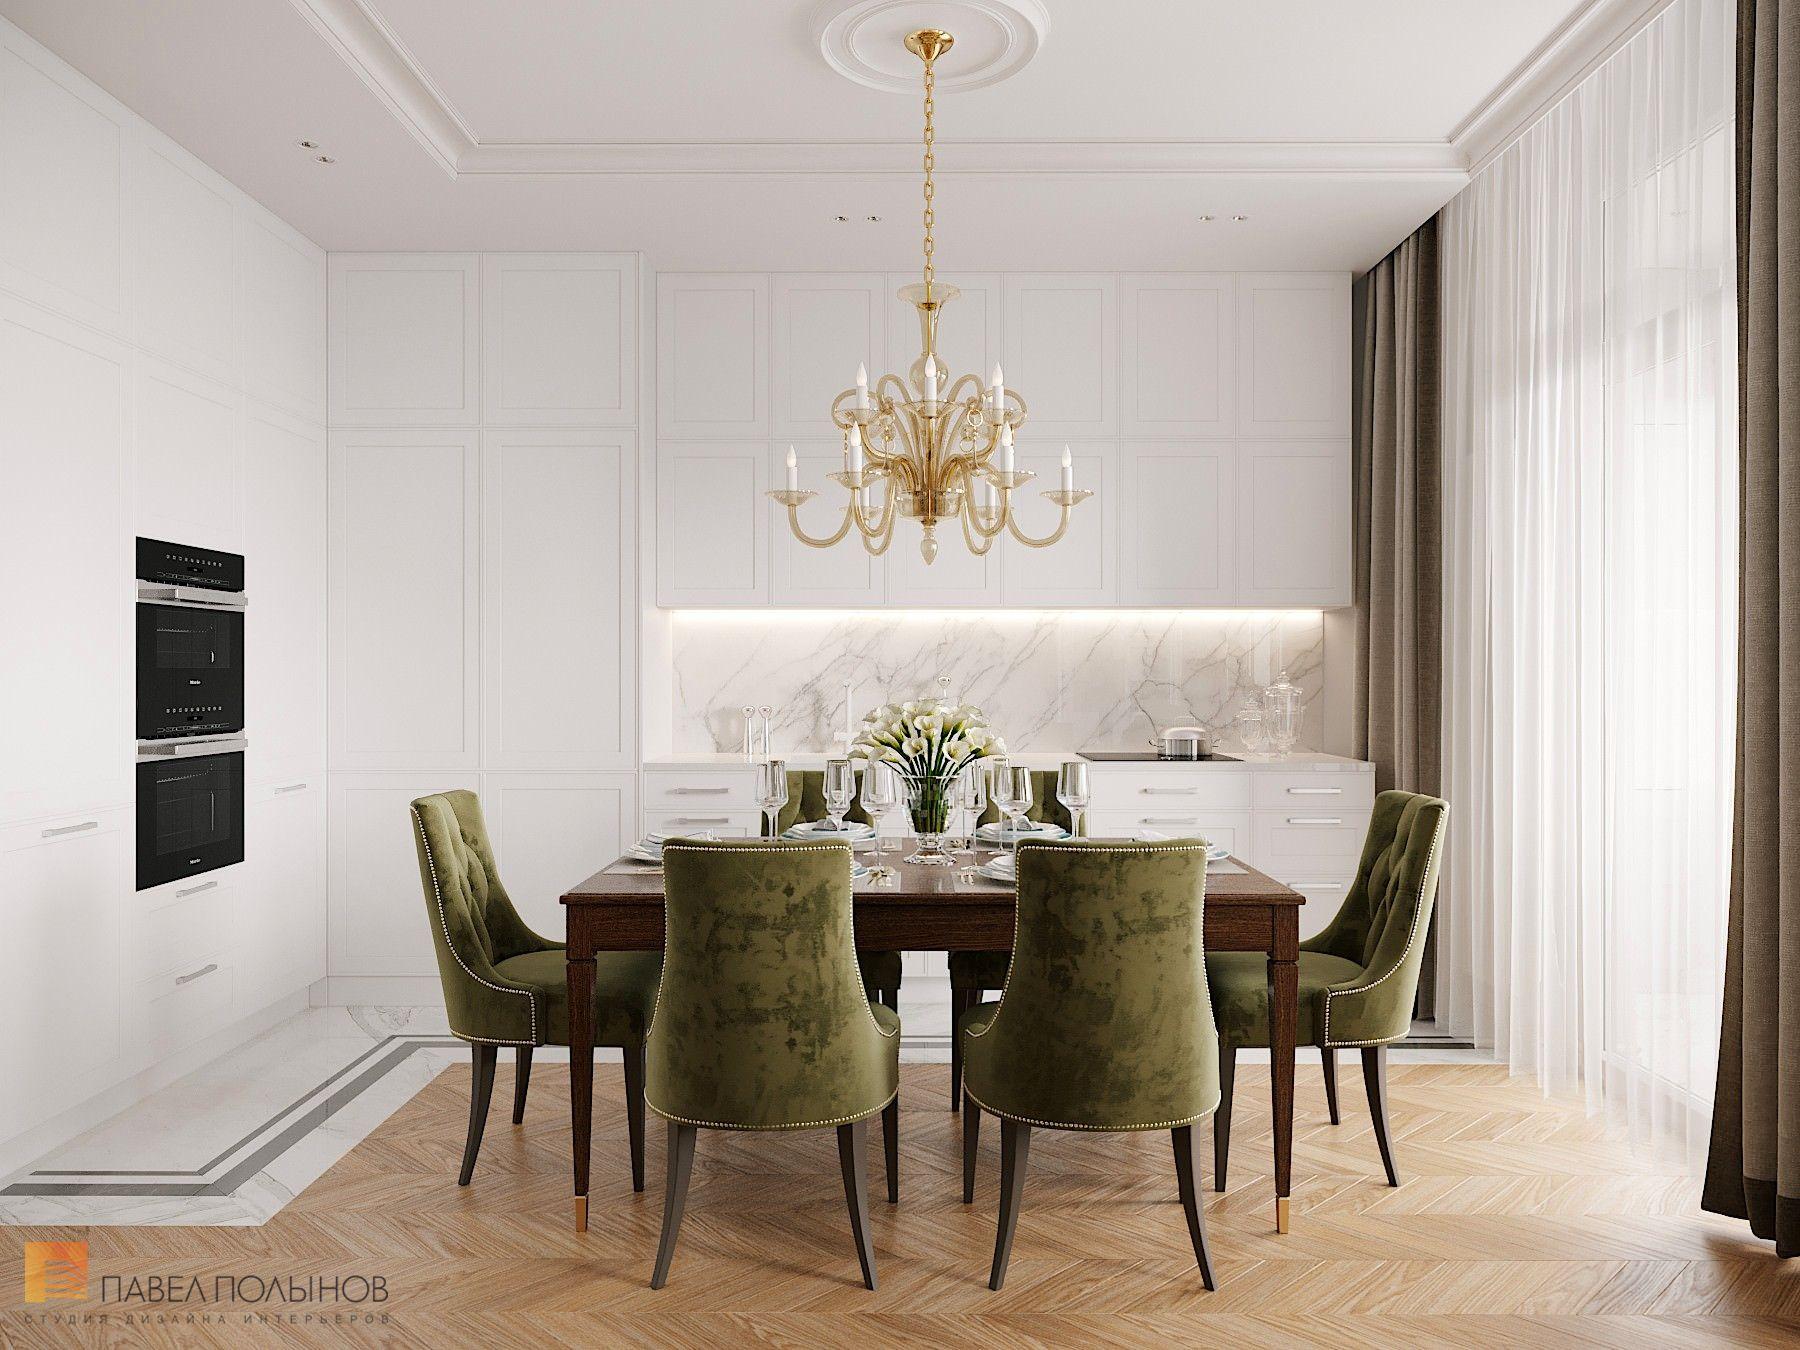 Фото дизайн интерьера кухни-гостиной из проекта «Интерьер ...